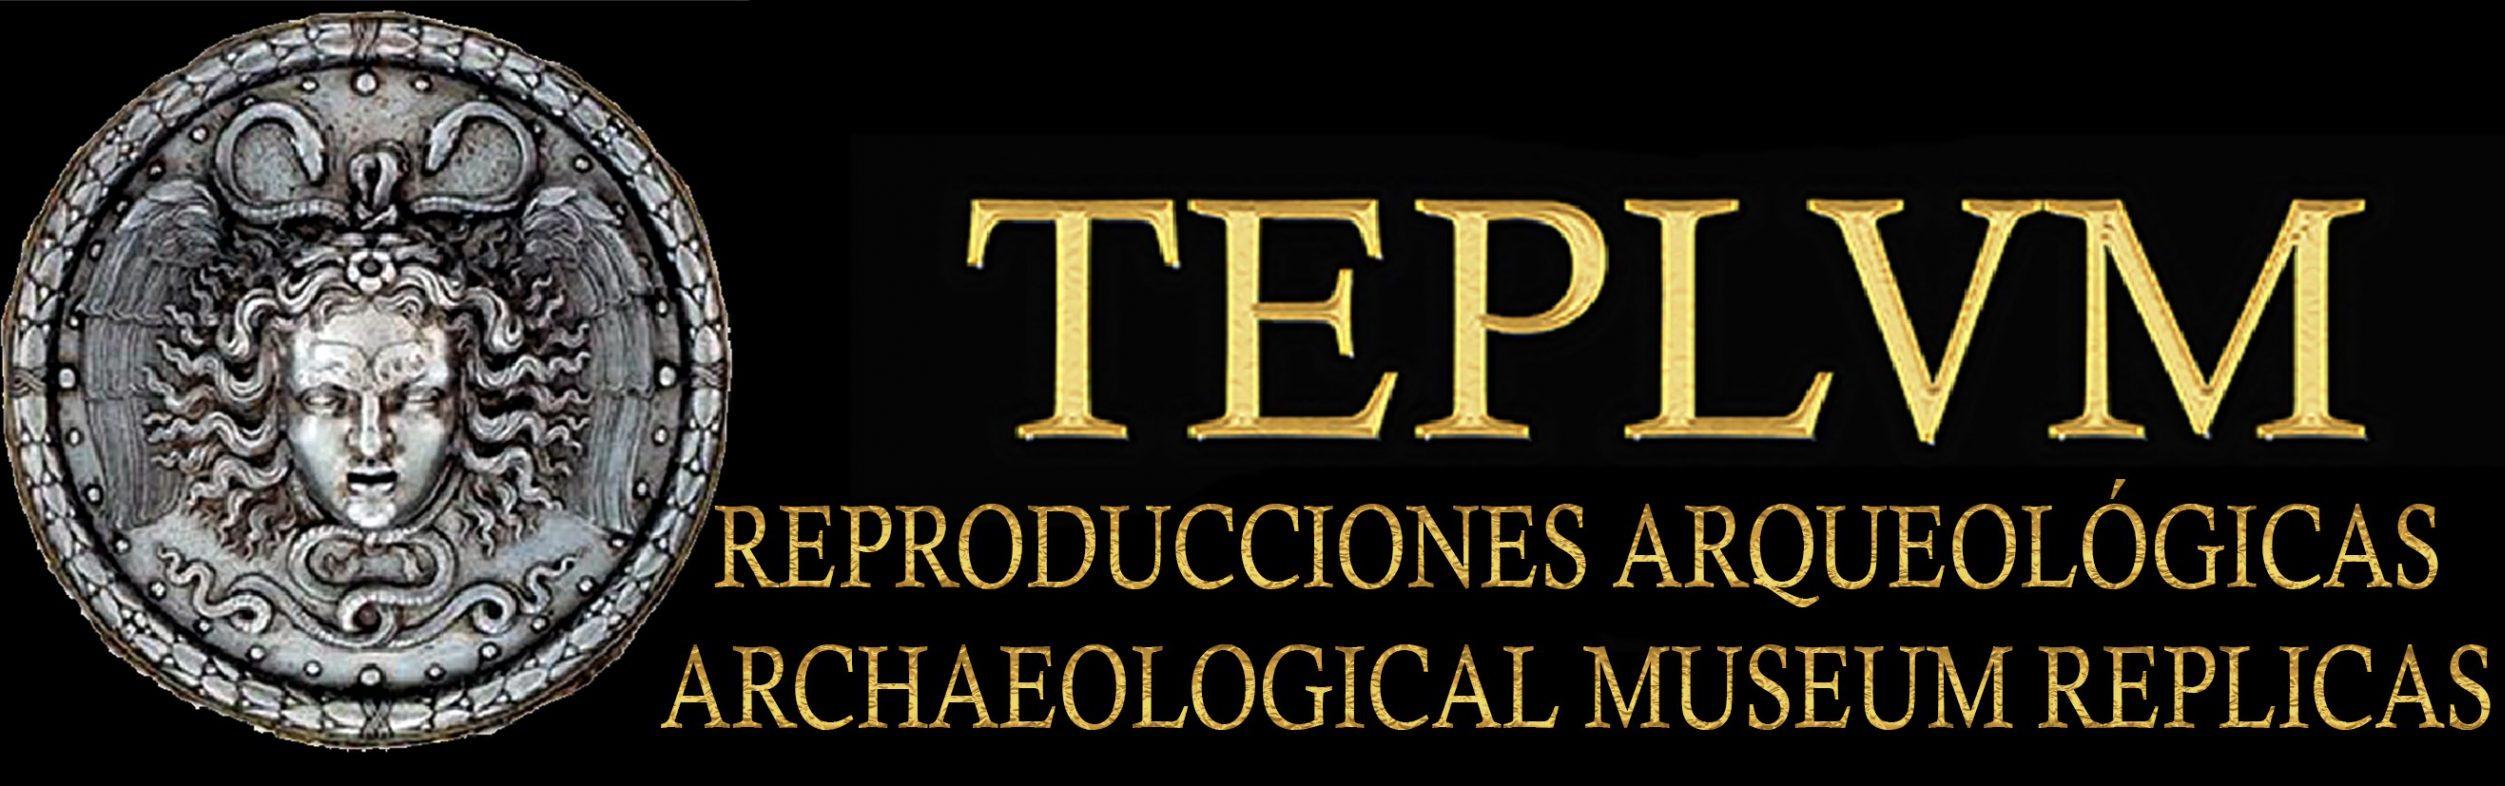 Reproducciones arqueológicas TEPLVM